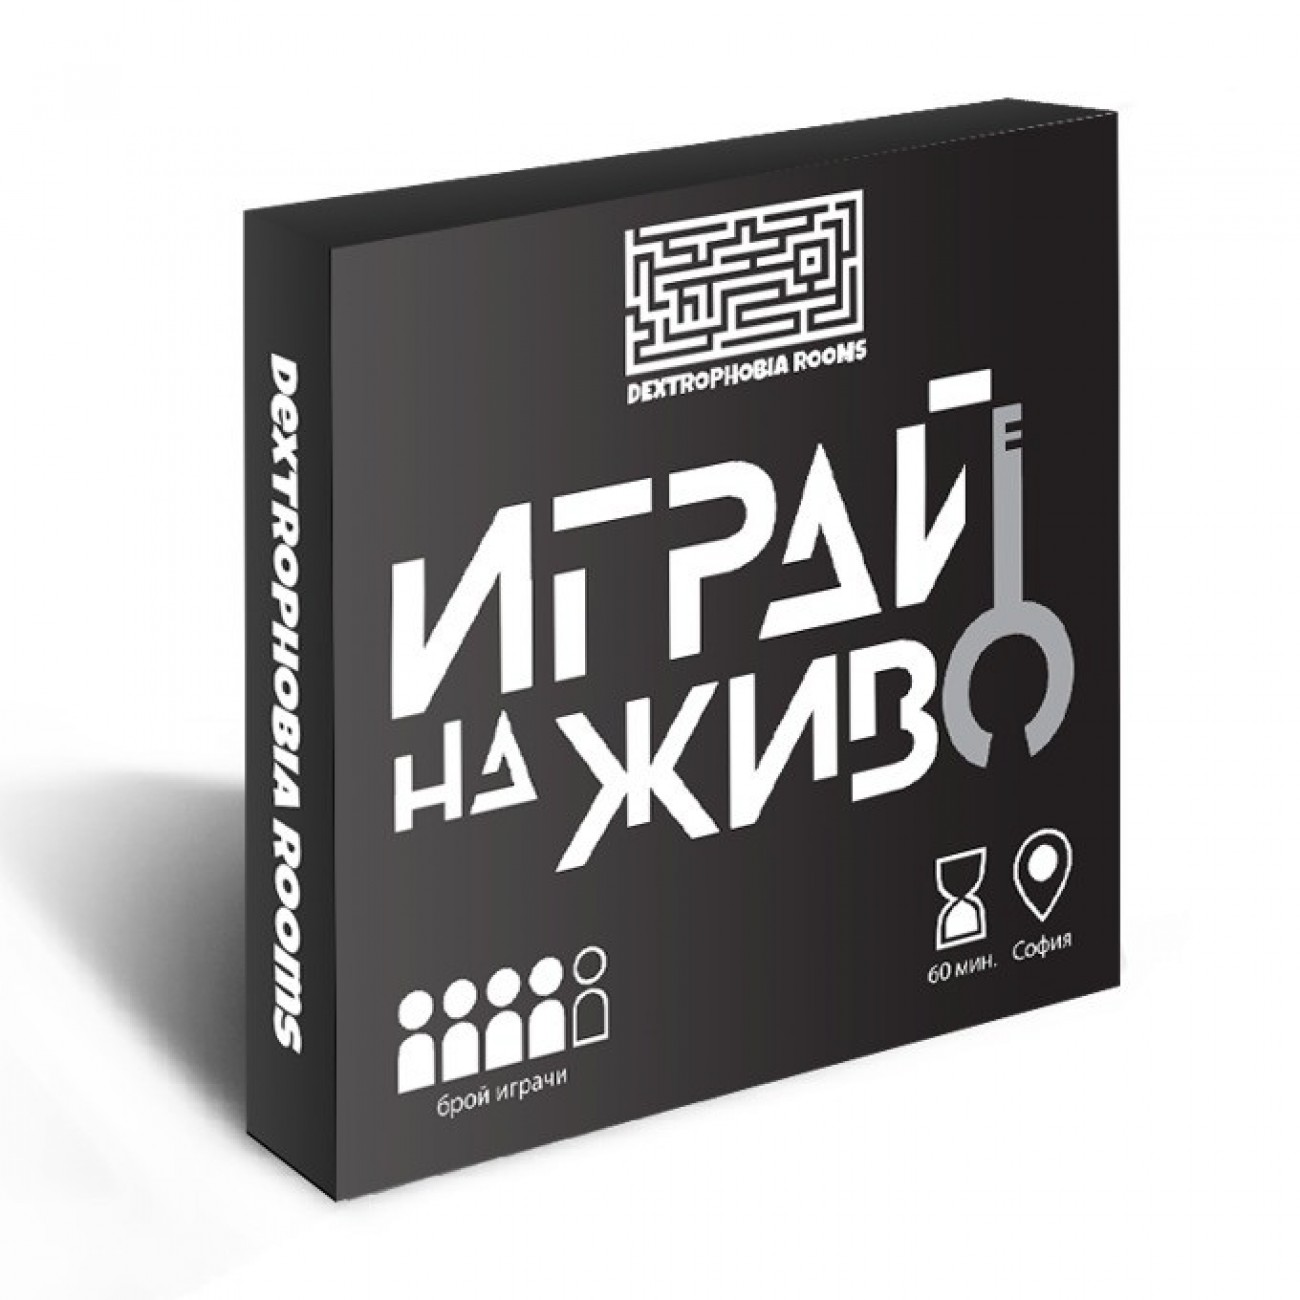 Ваучер за Dextrophobia Rooms, за 4-ма играчи, игра на живо тип избягай от стаята (escape room) в Игри за Конзоли -  | Alleop